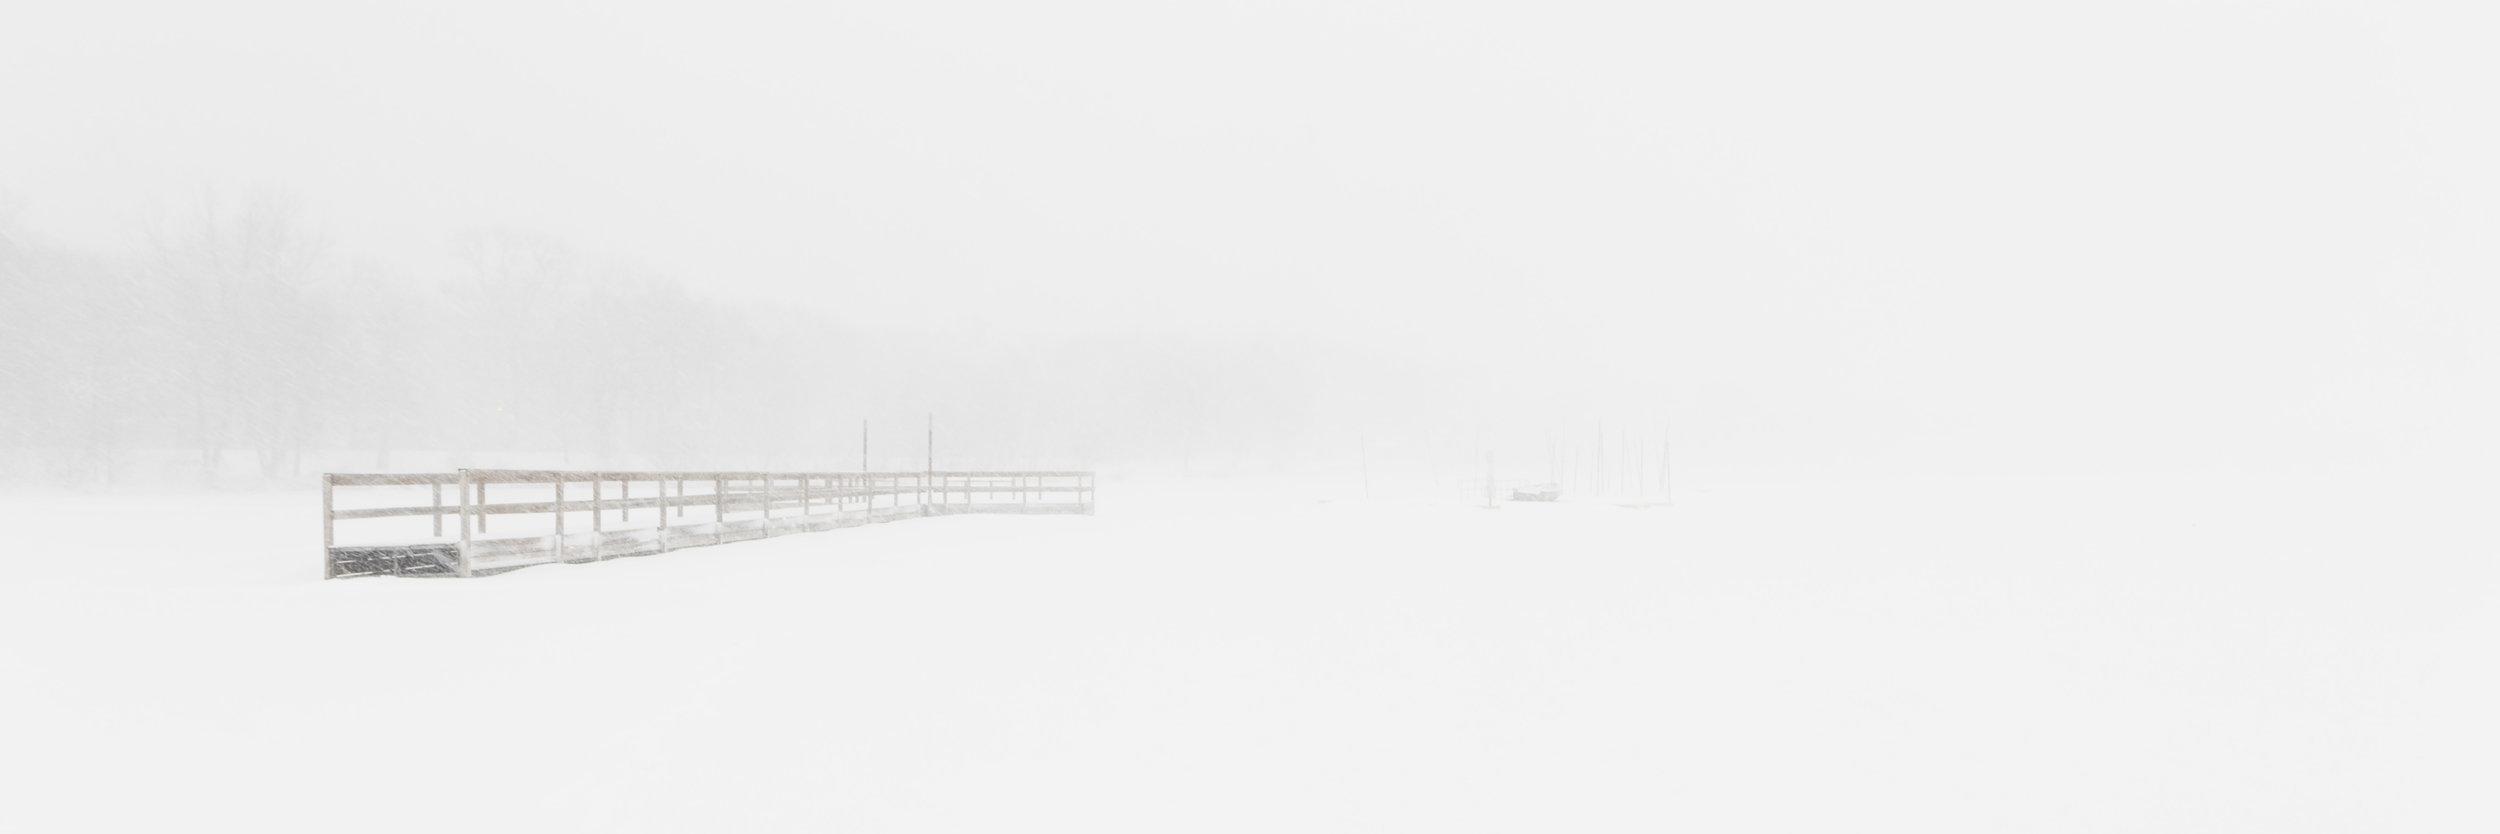 blizzard on the lake - minneapolis